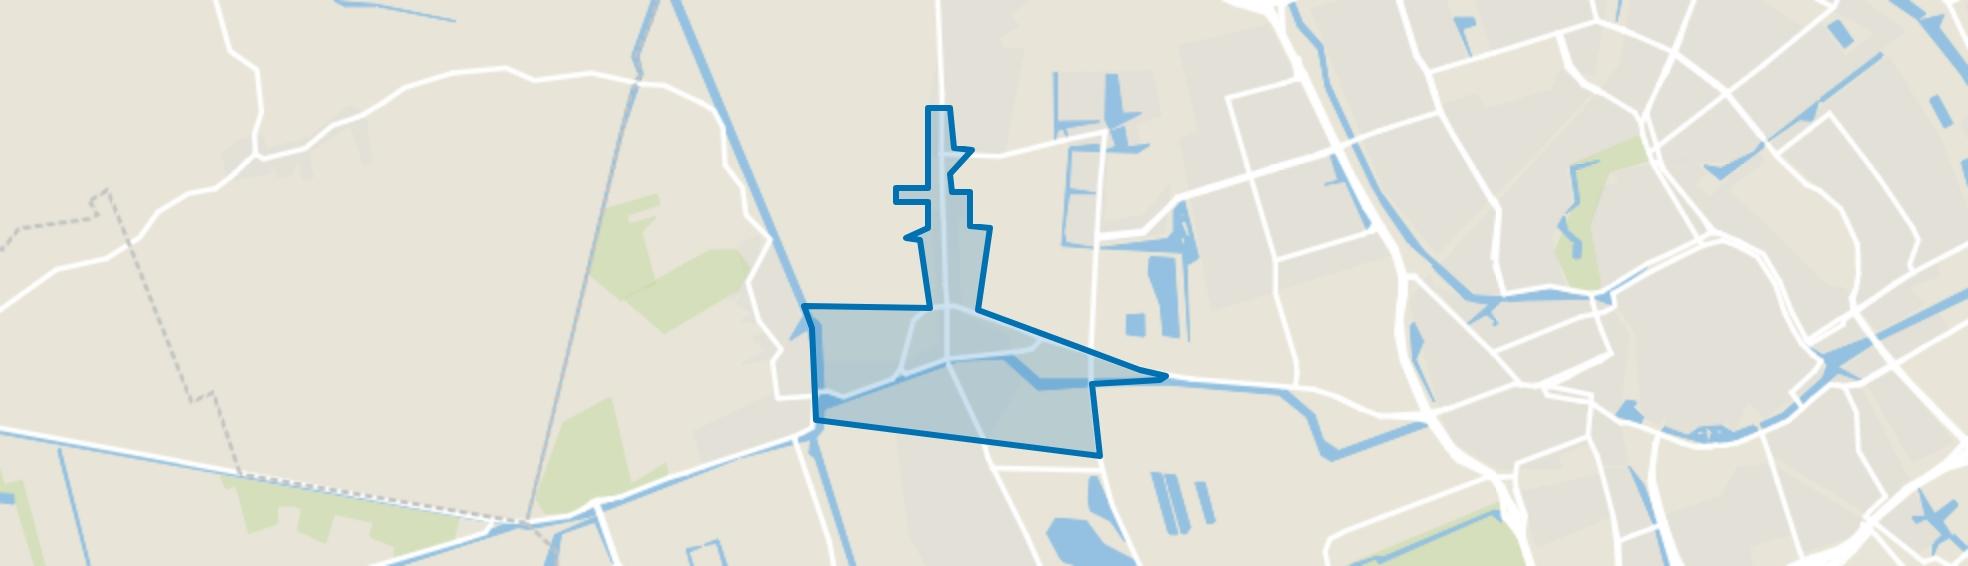 Hoogkerk Dorp, Groningen map